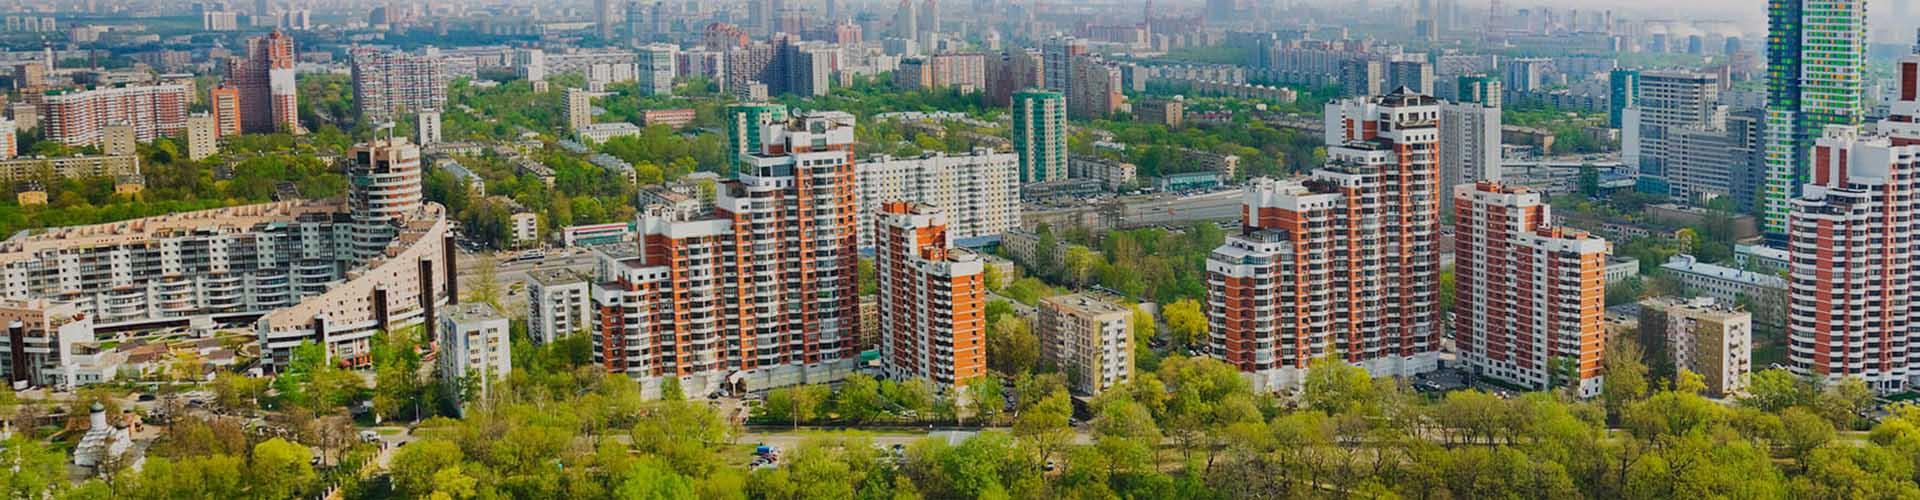 Вся коммерческая недвижимость нижнего новгорода коммерческая недвижимость в новосибирске от собственника